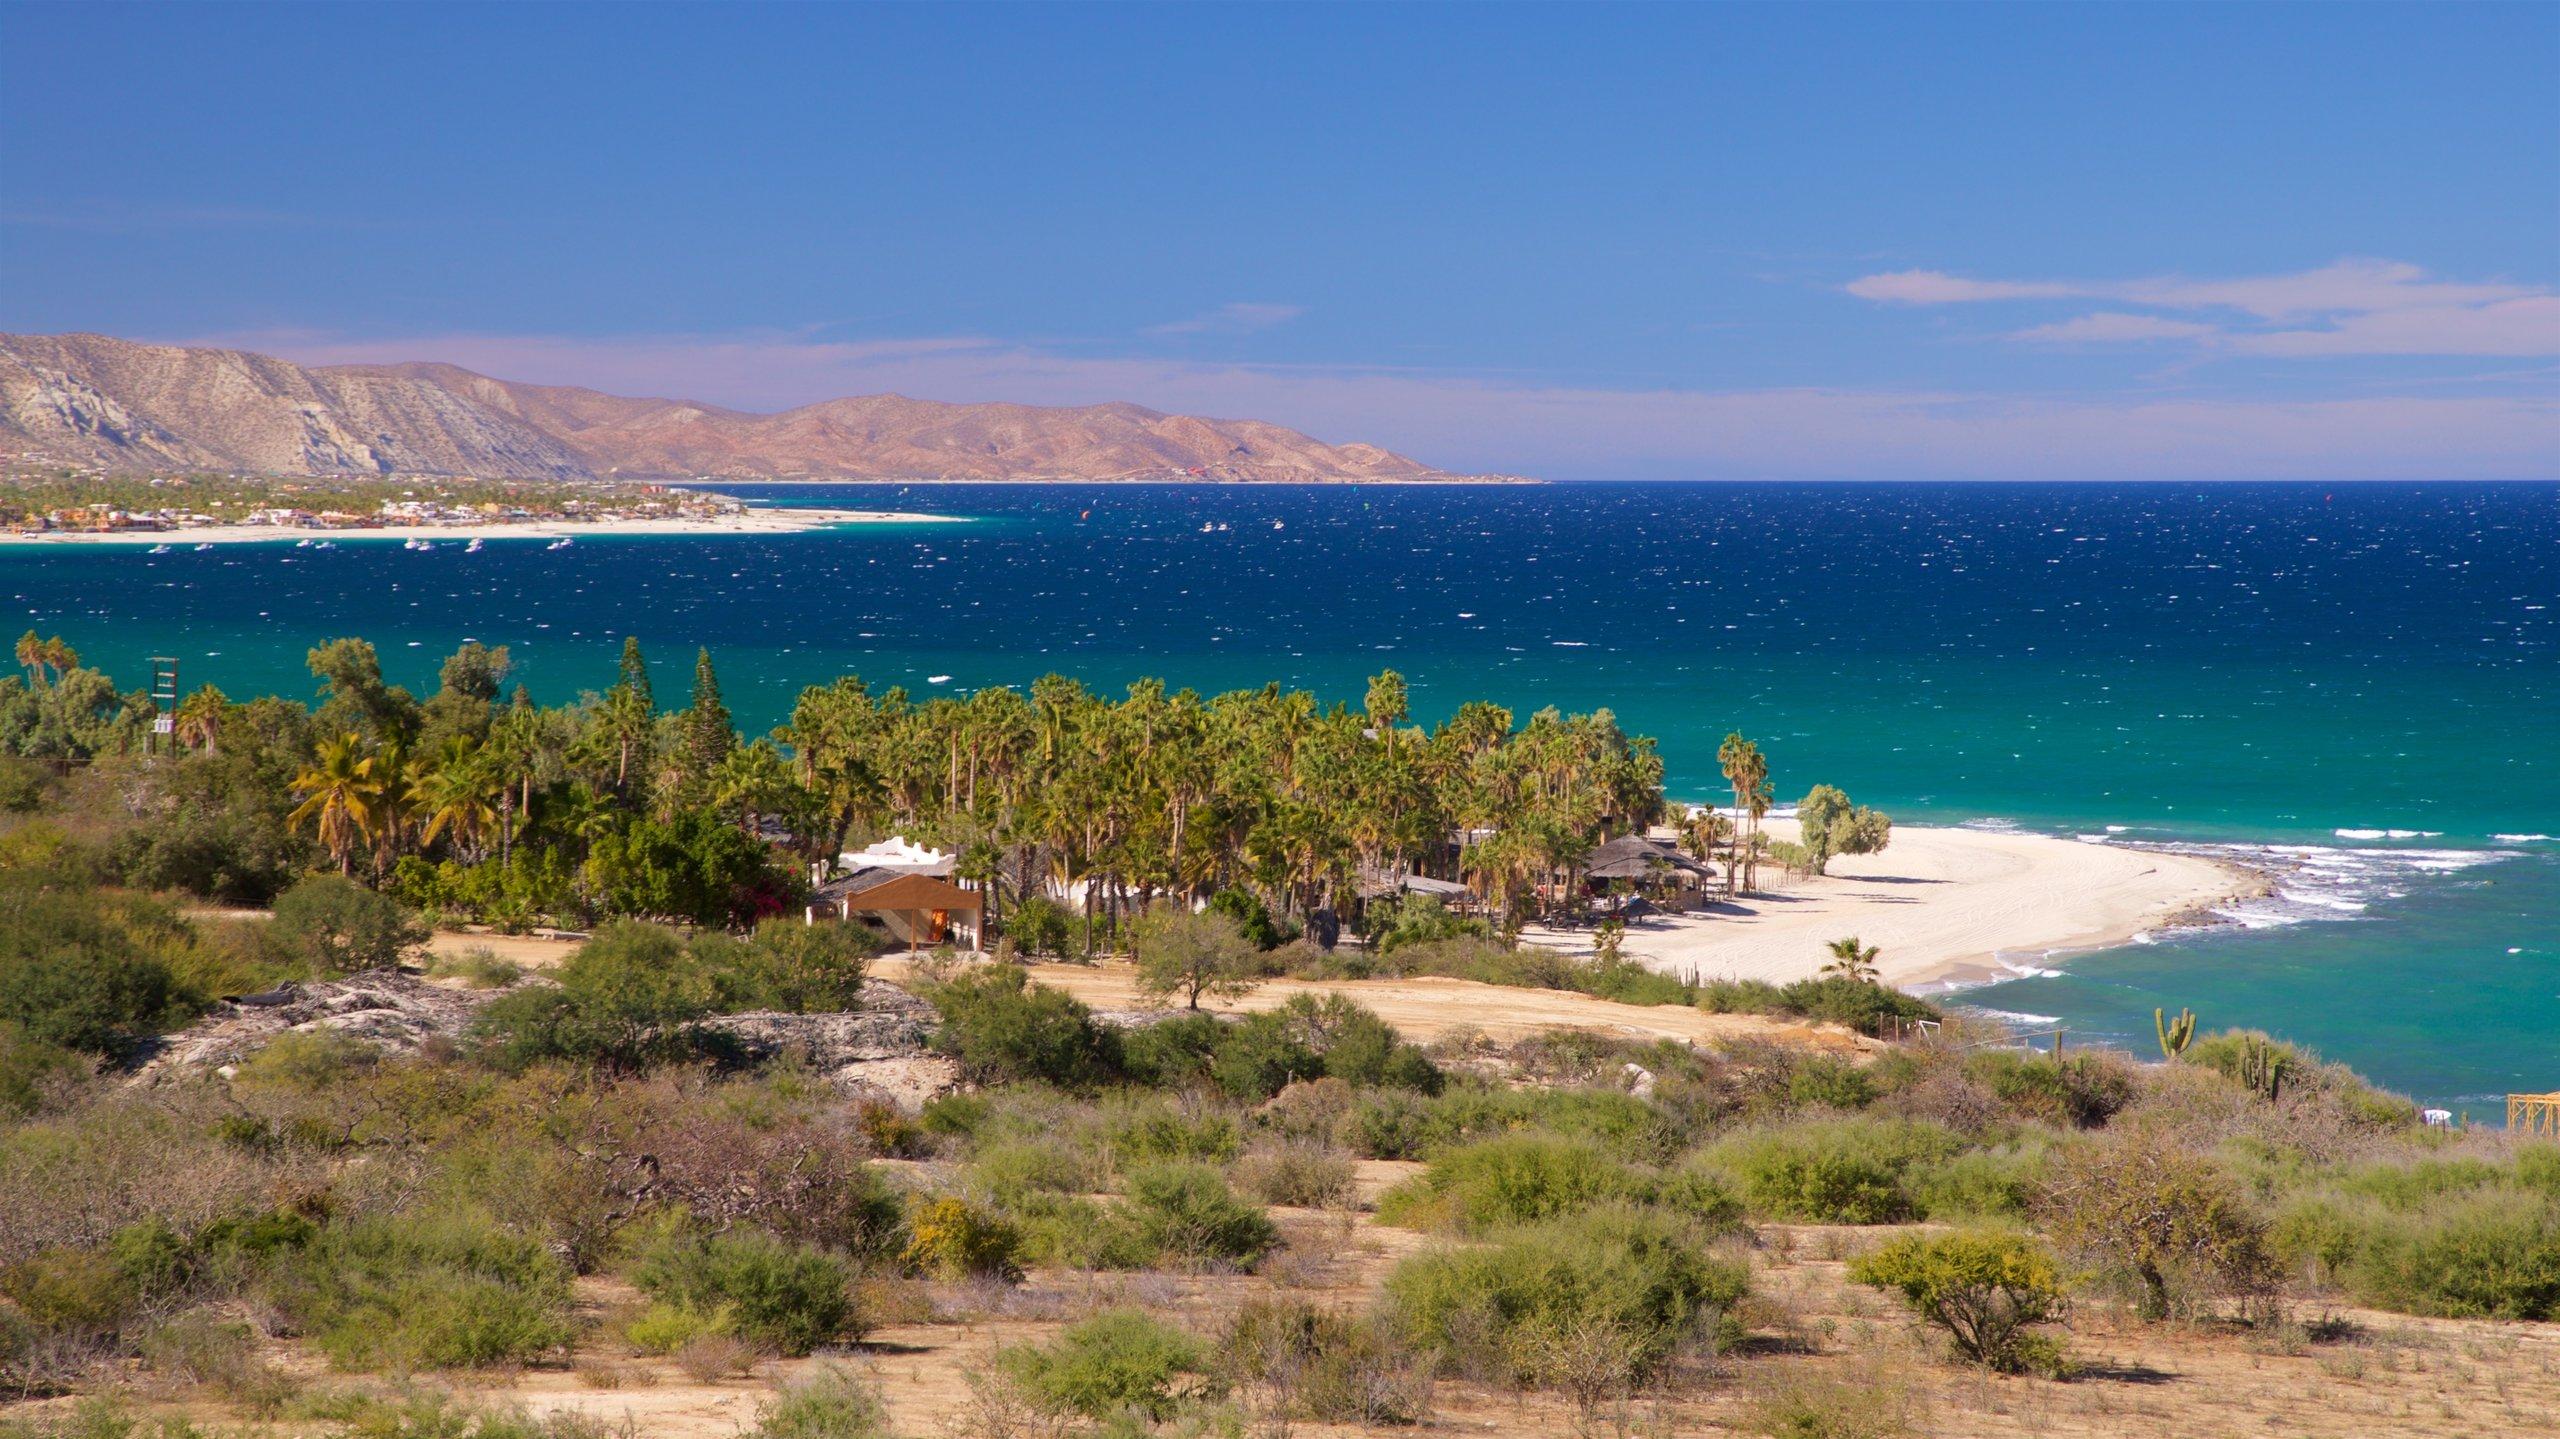 Los Barriles, Baja California Sur, Mexico